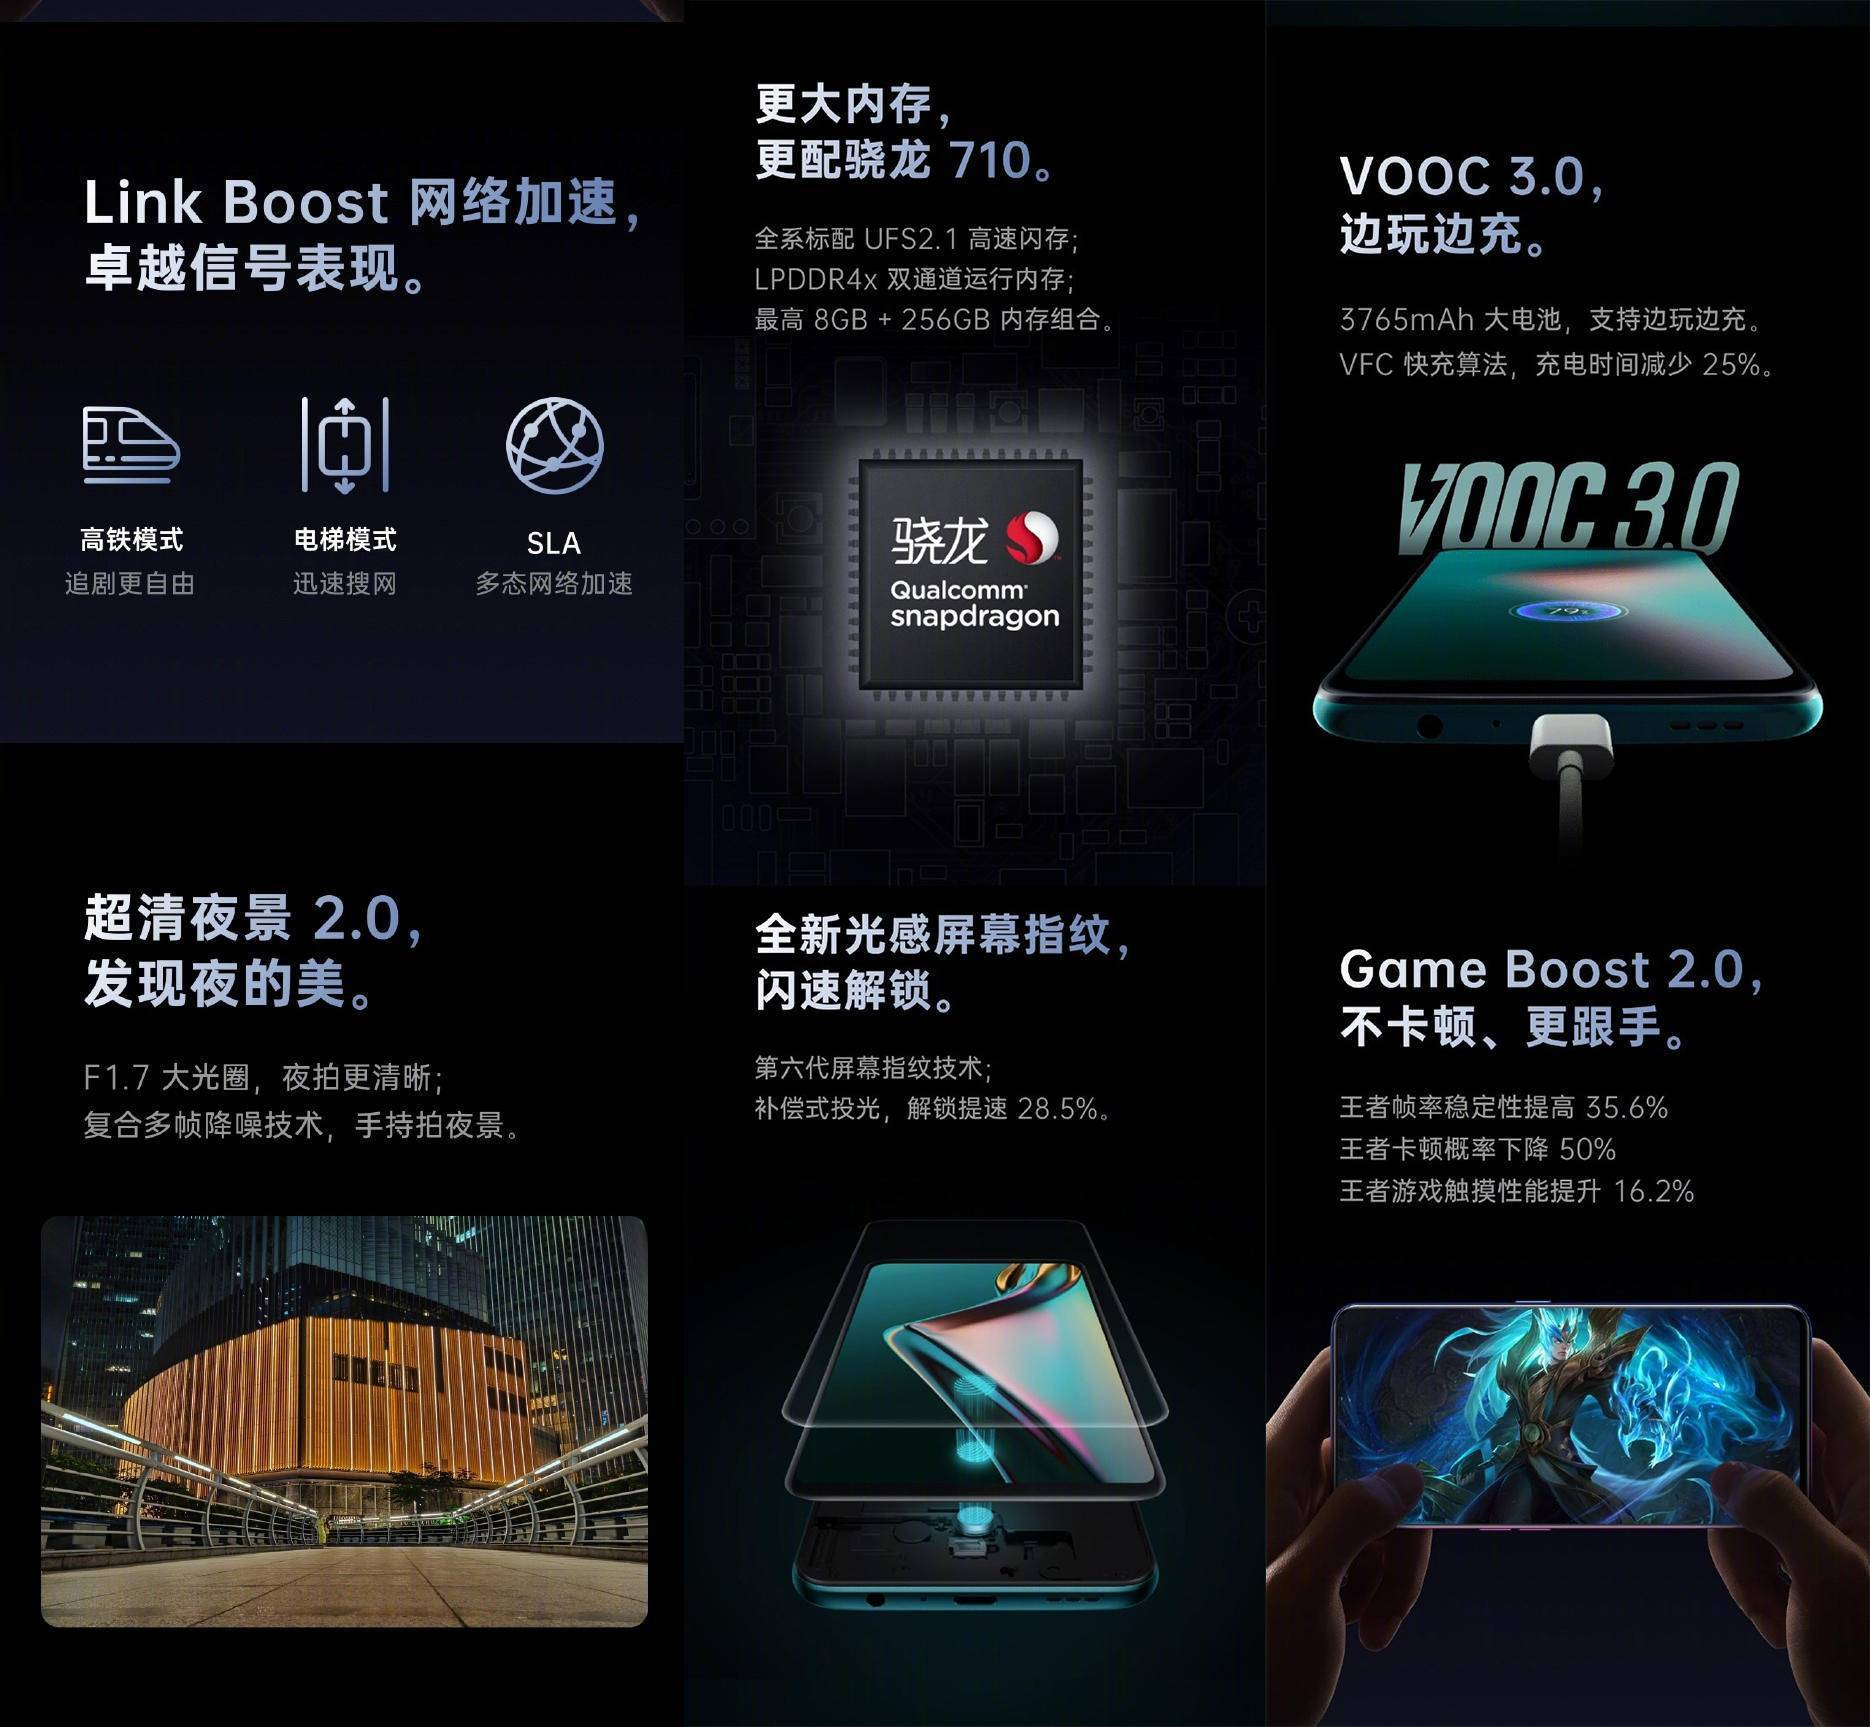 OPPO再出硬核旗舰:骁龙710+全面屏售价不到2K